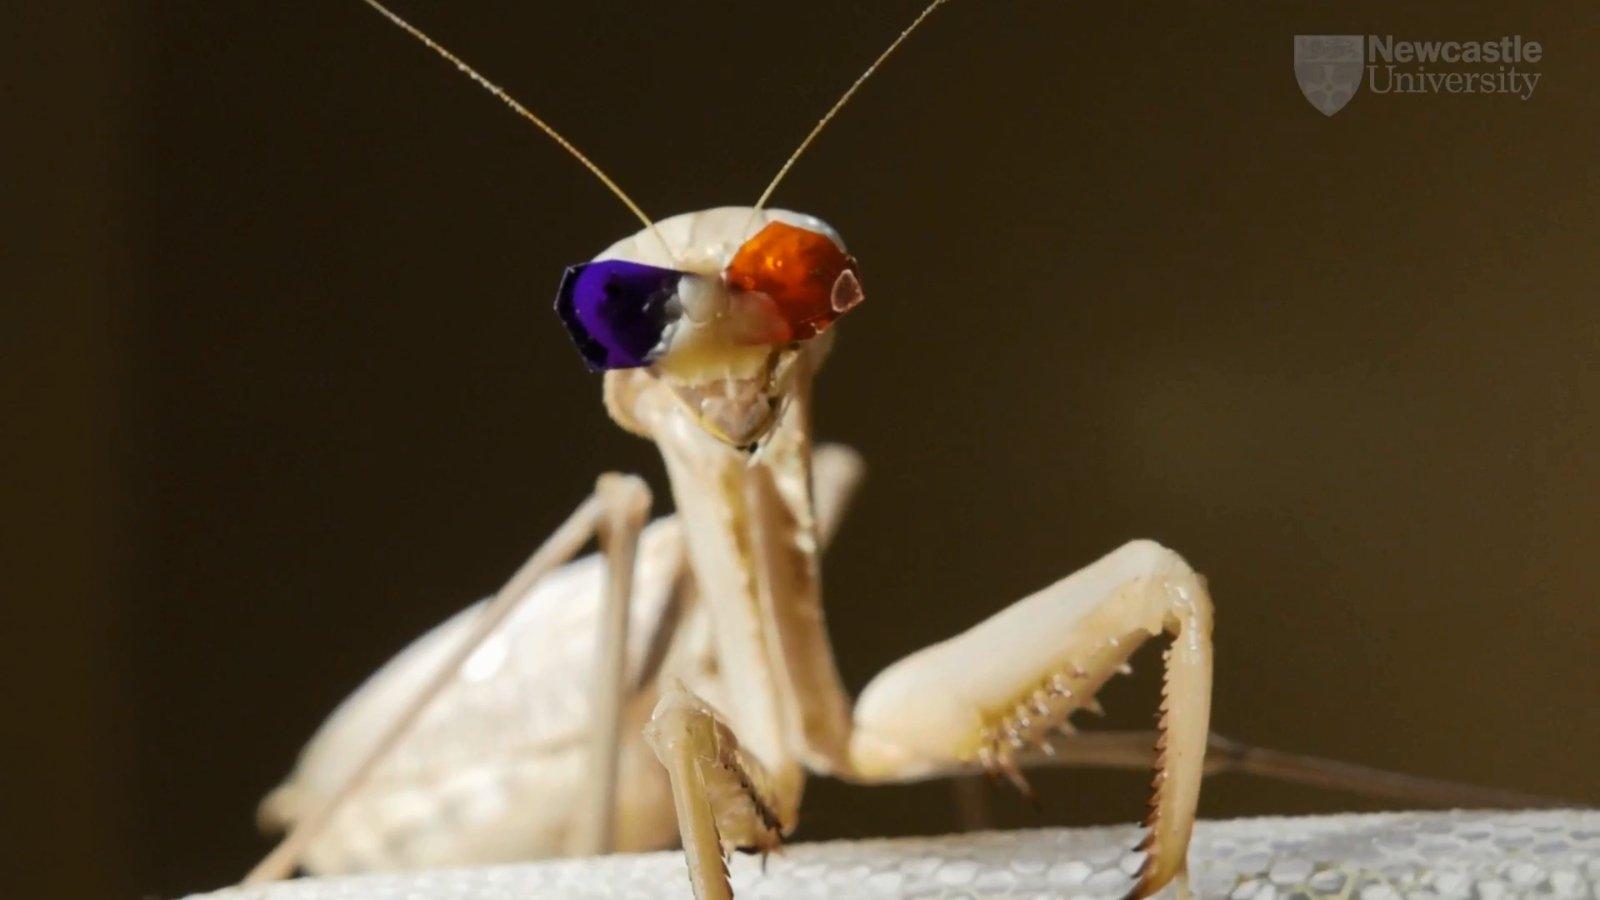 Свою экспериментальную установку сами учёные окрестили «3D-кинотеатром для насекомых». Чтобы надеть набогомолов очки, их пришлось сначала обездвижить, поместив на5 минут вморозилку.